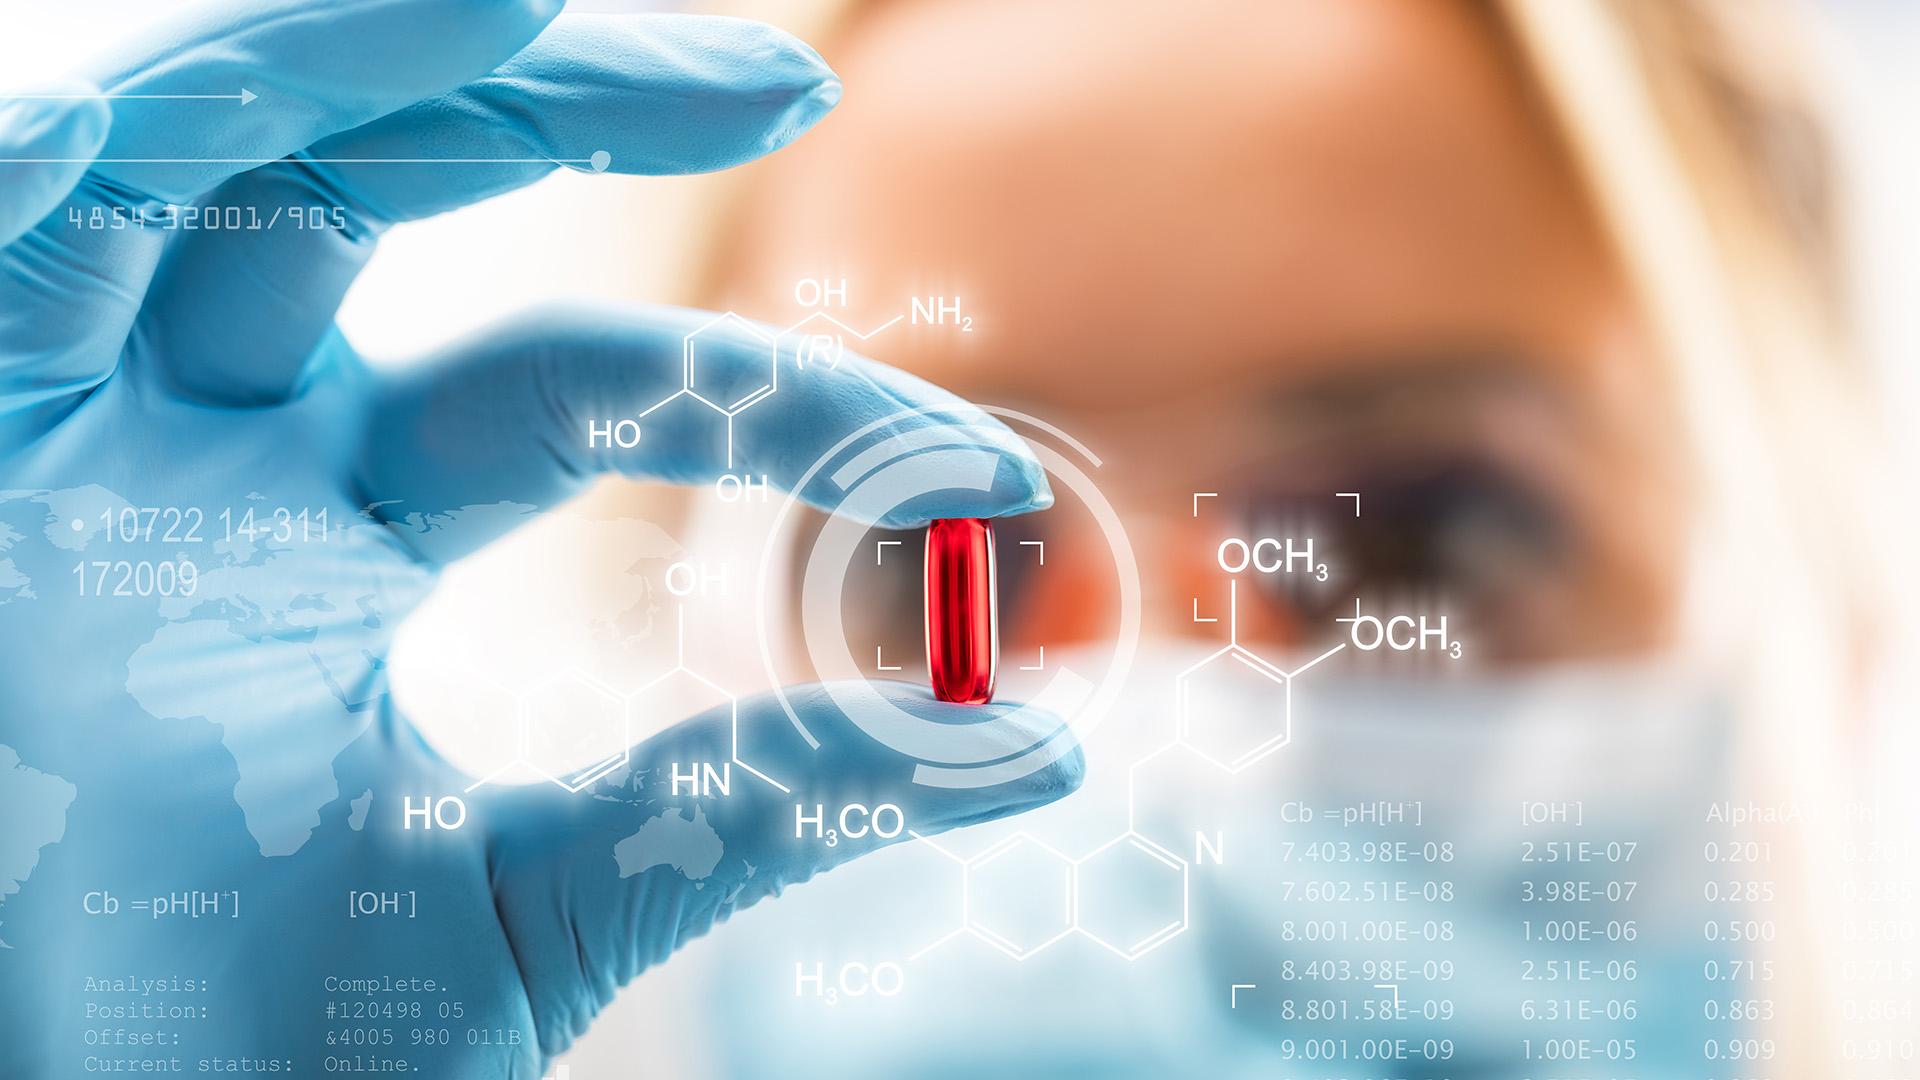 Los nuevos medicamentos deben contrarrestar la acción de las superbacterias